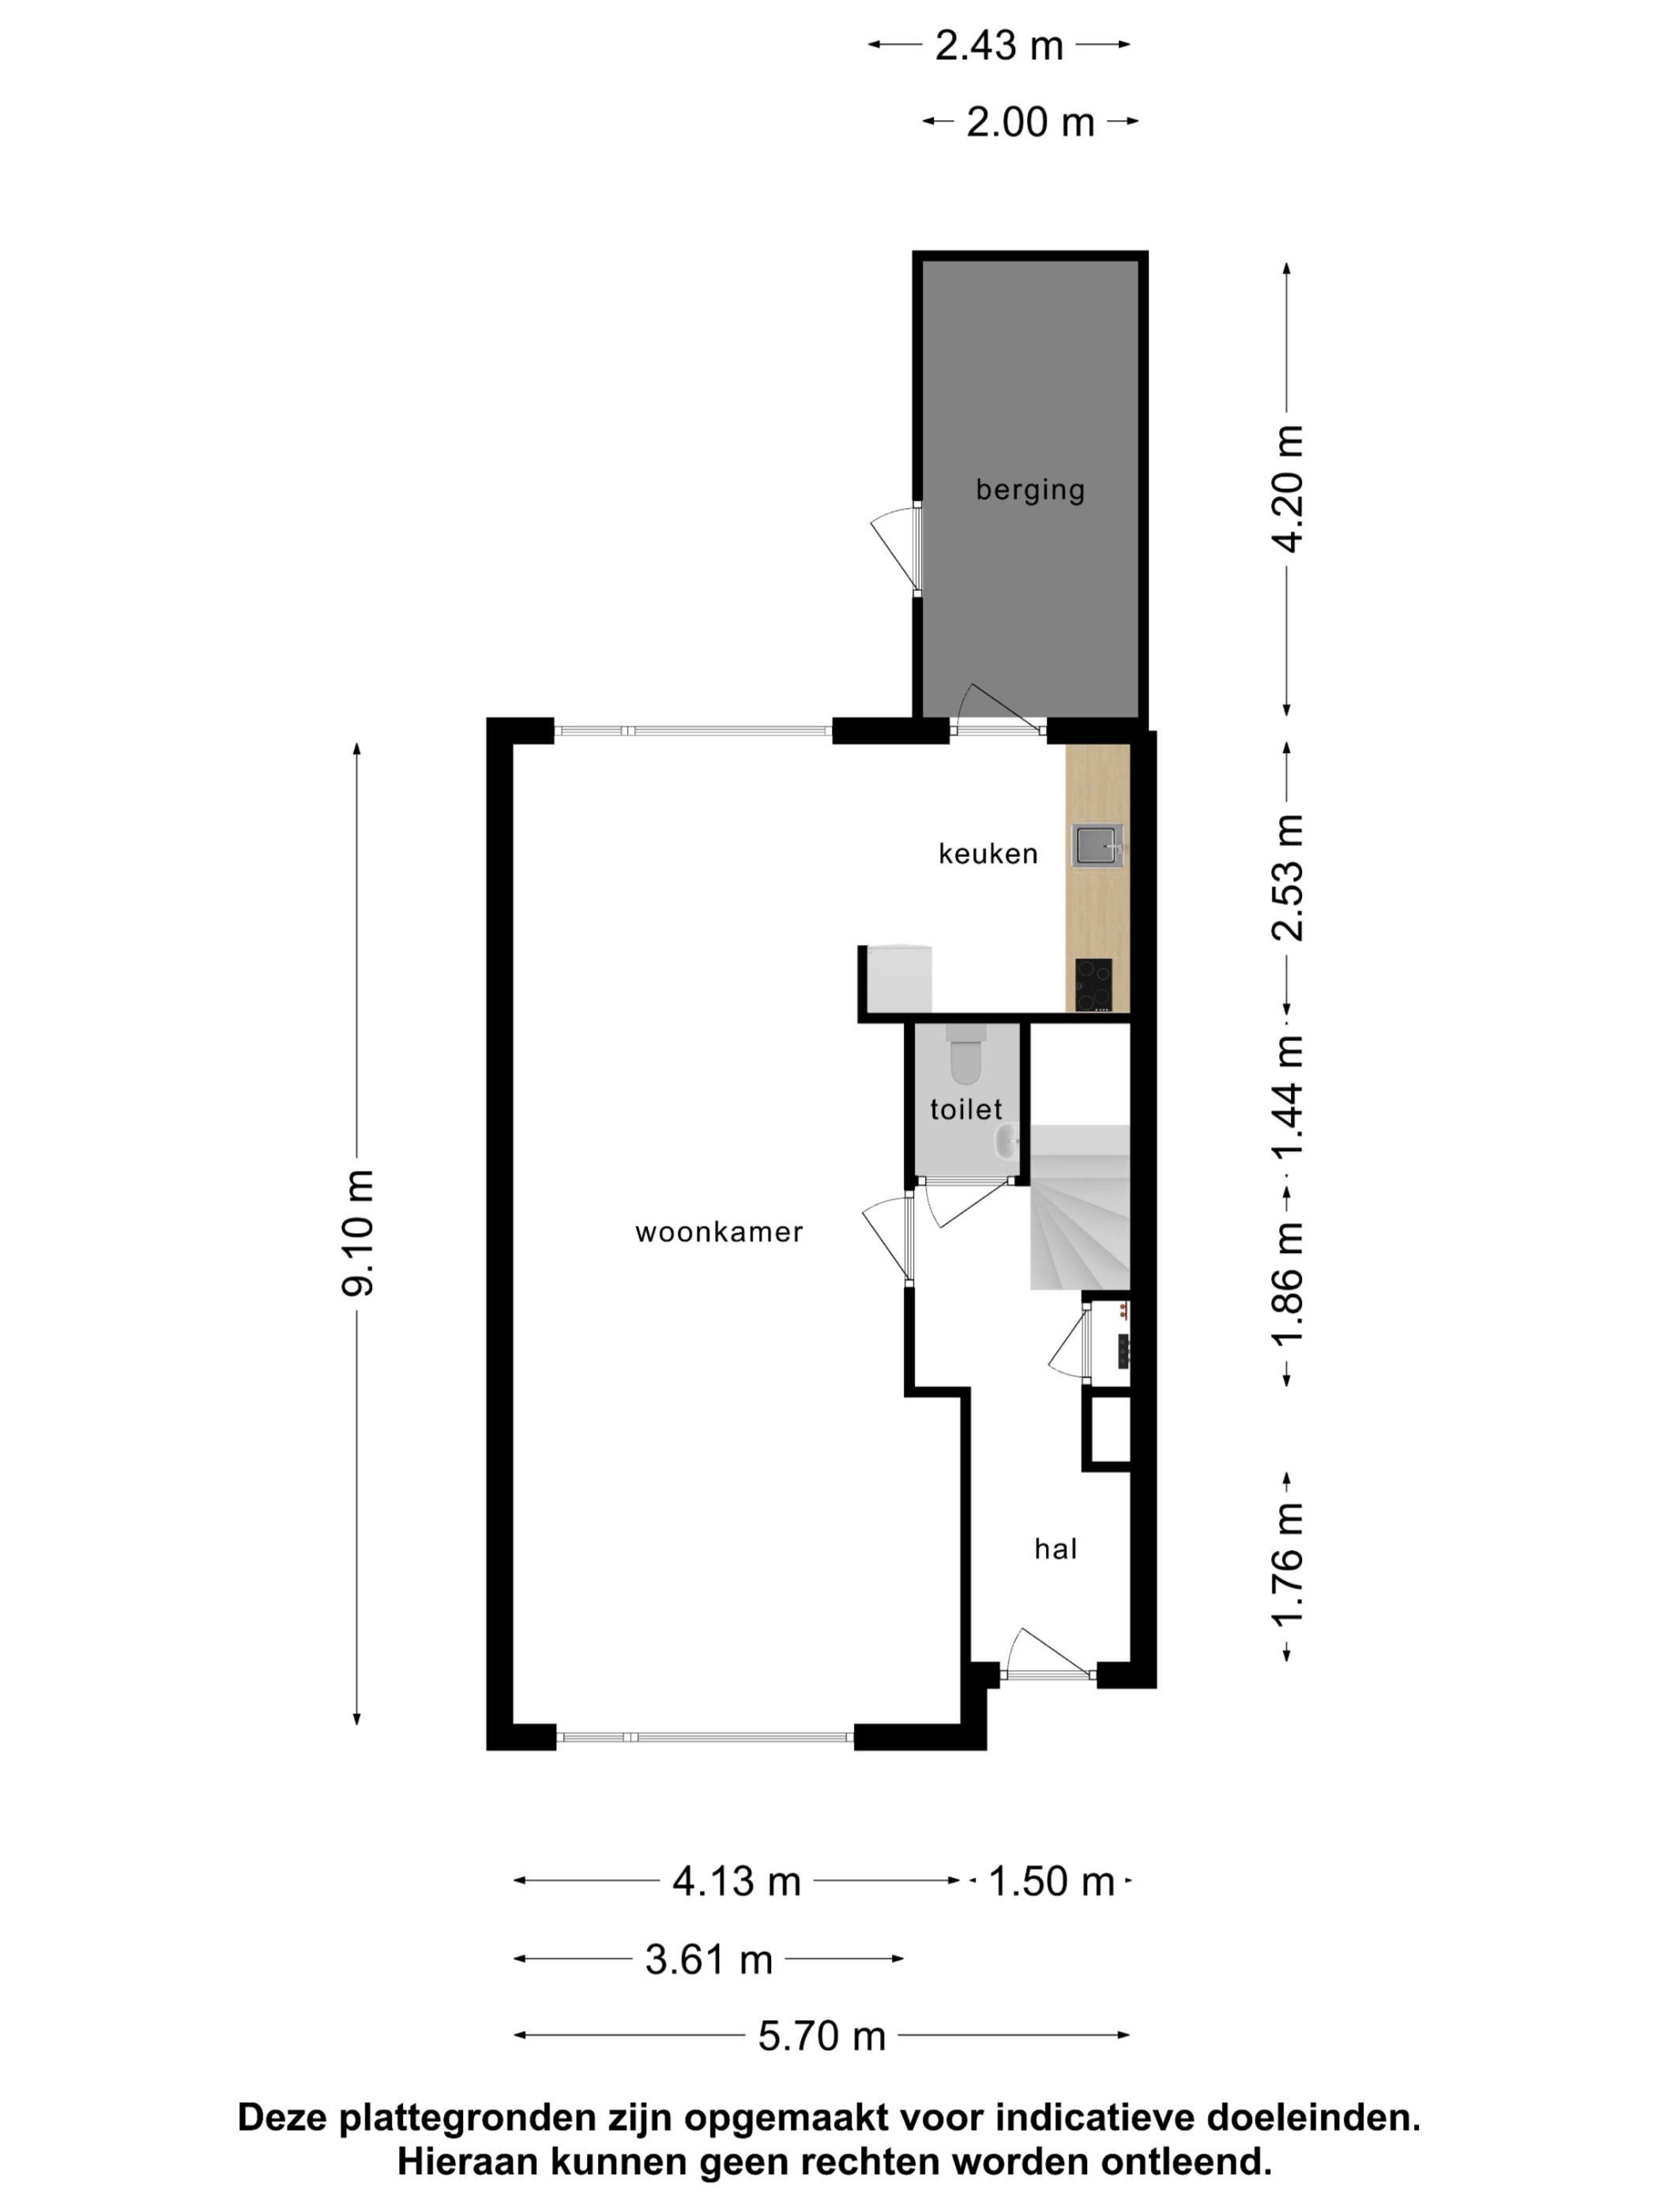 croleskwartier-112-ijlst-plattegrond-45